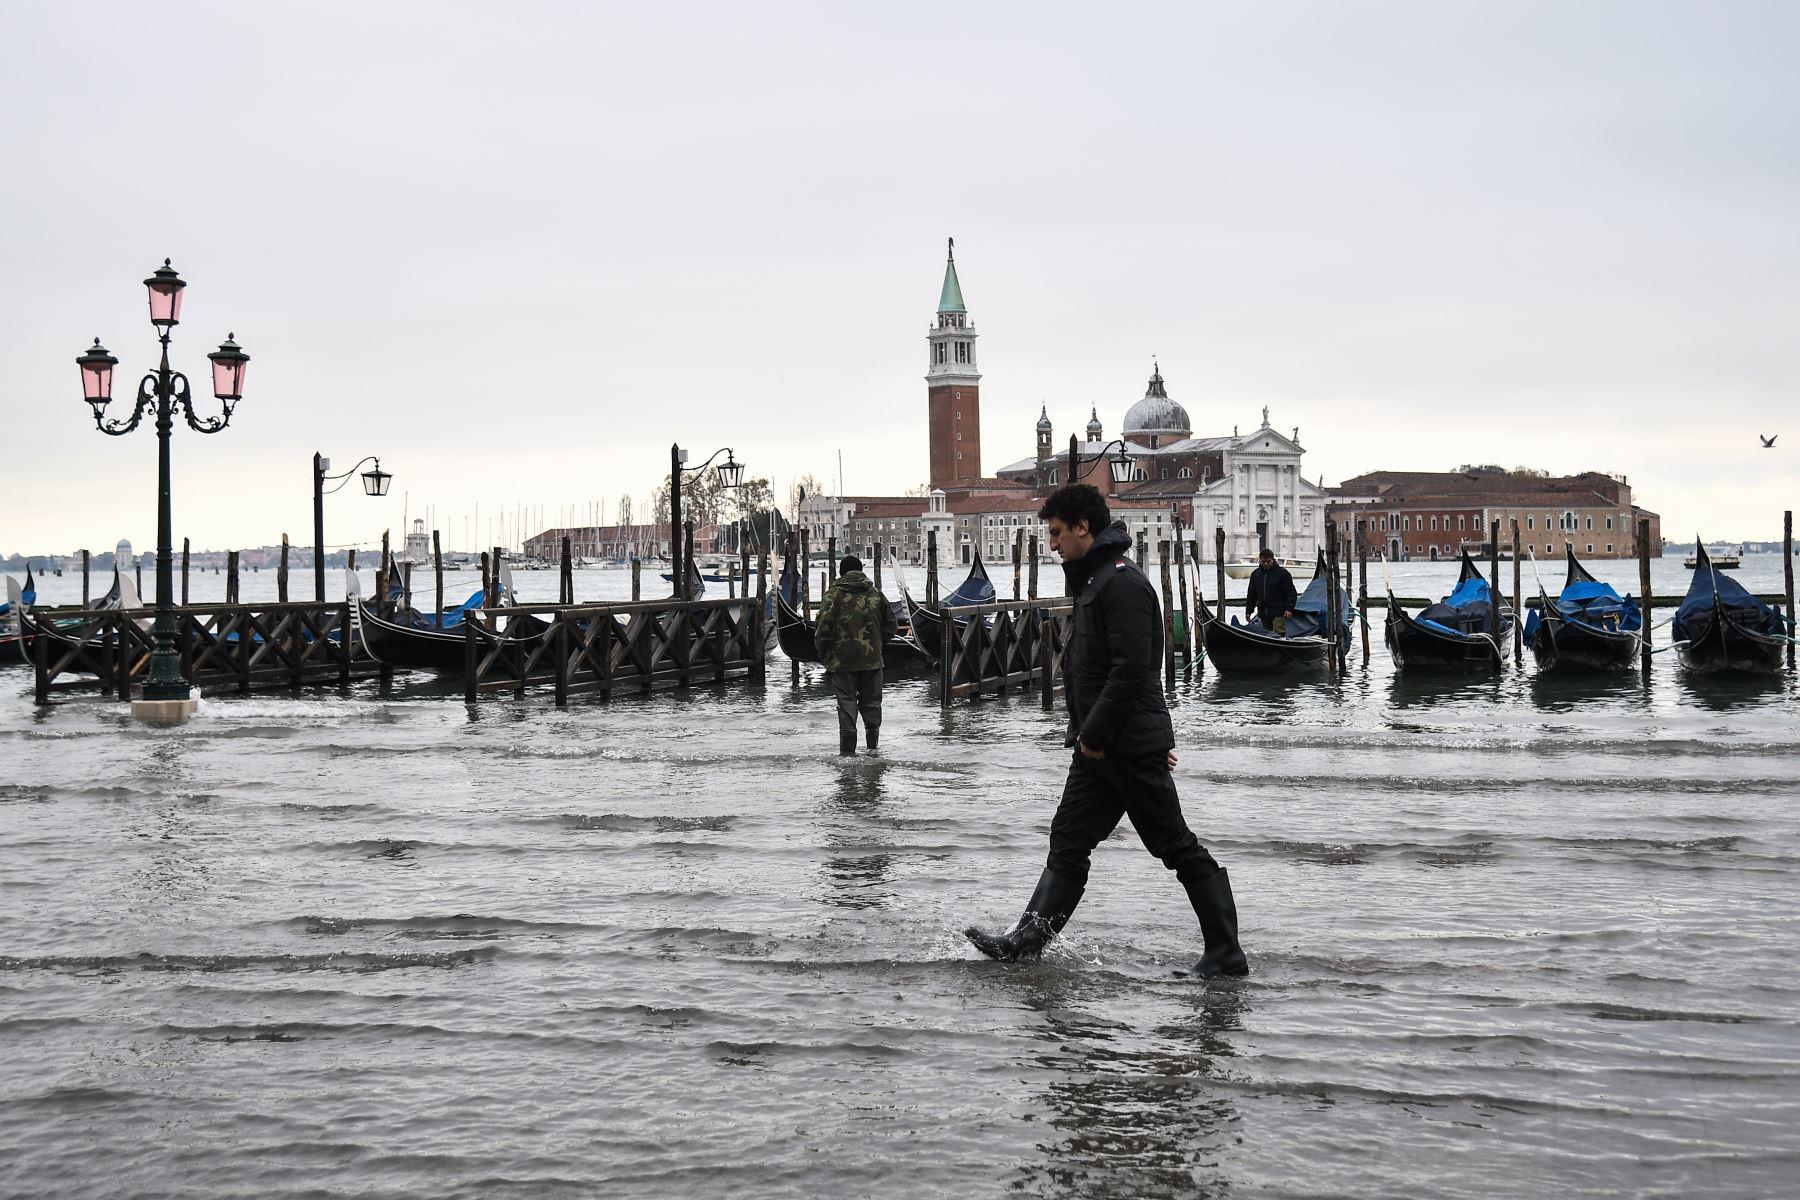 Un hombre camina por el terraplén inundado de Riva degli Schiavoni con la basílica de San Giorgio Maggiore en el fondo, después de un excepcional nivel de agua durante la marea alta en Venecia. Foto: AFP